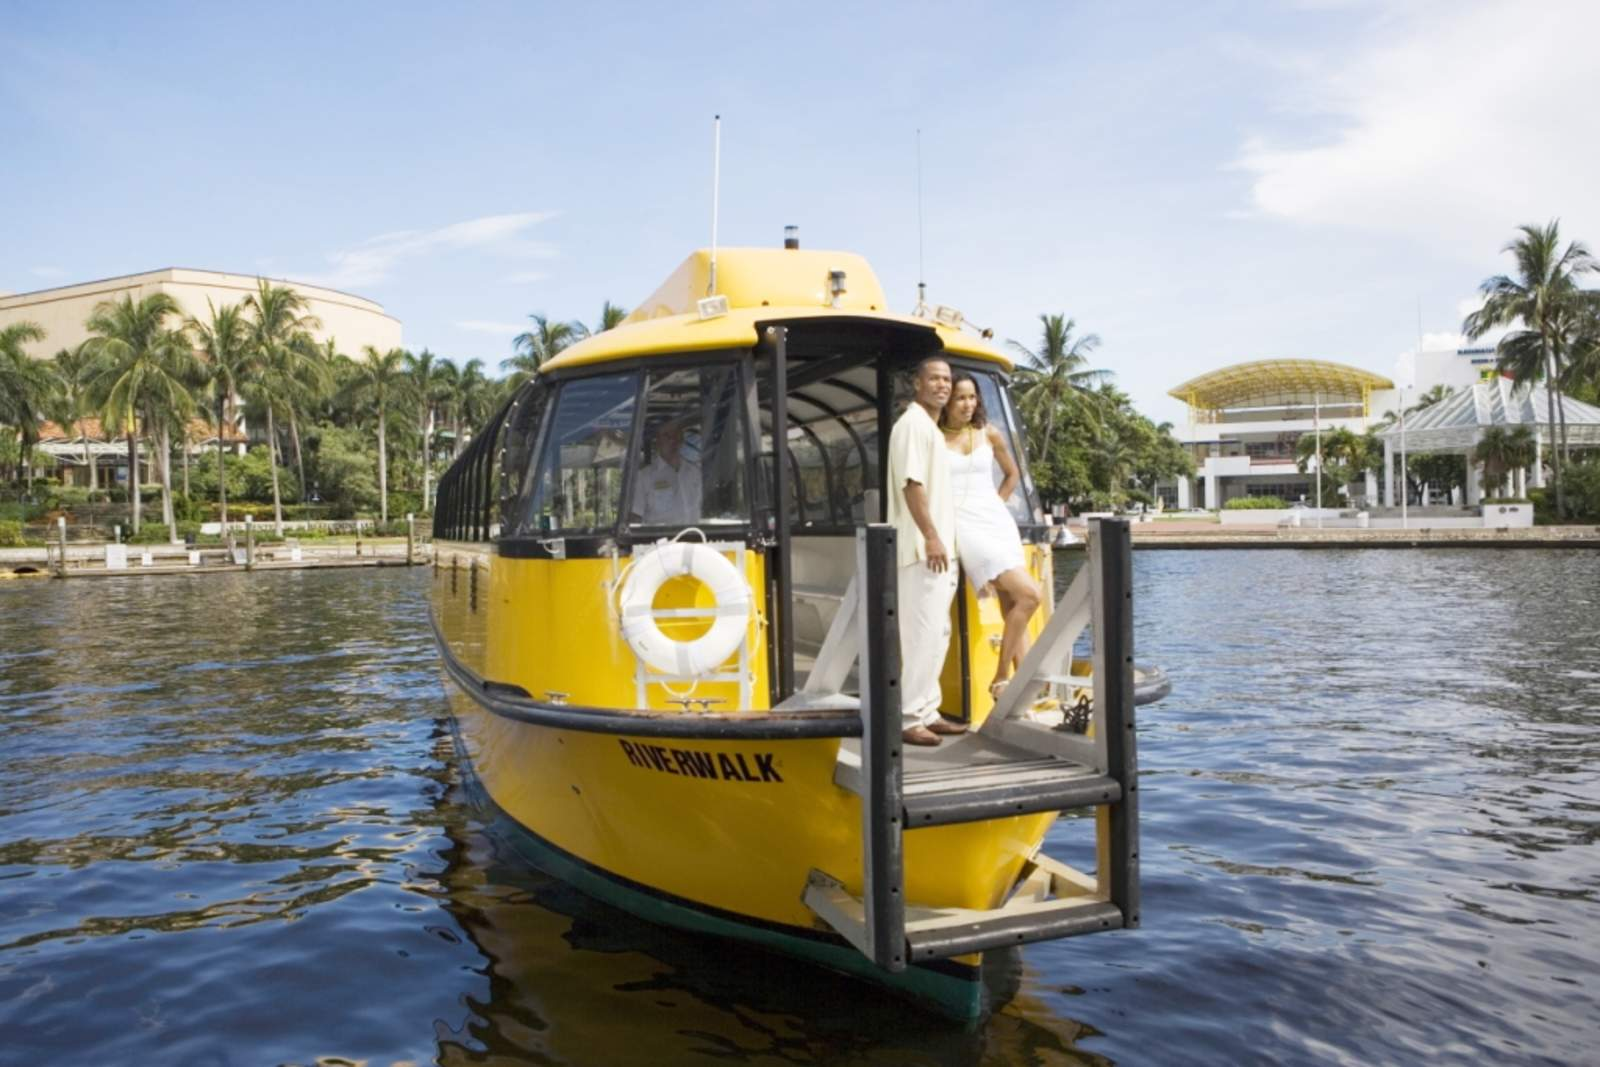 Mit dem Wassertaxi Fort Lauderdale entdecken